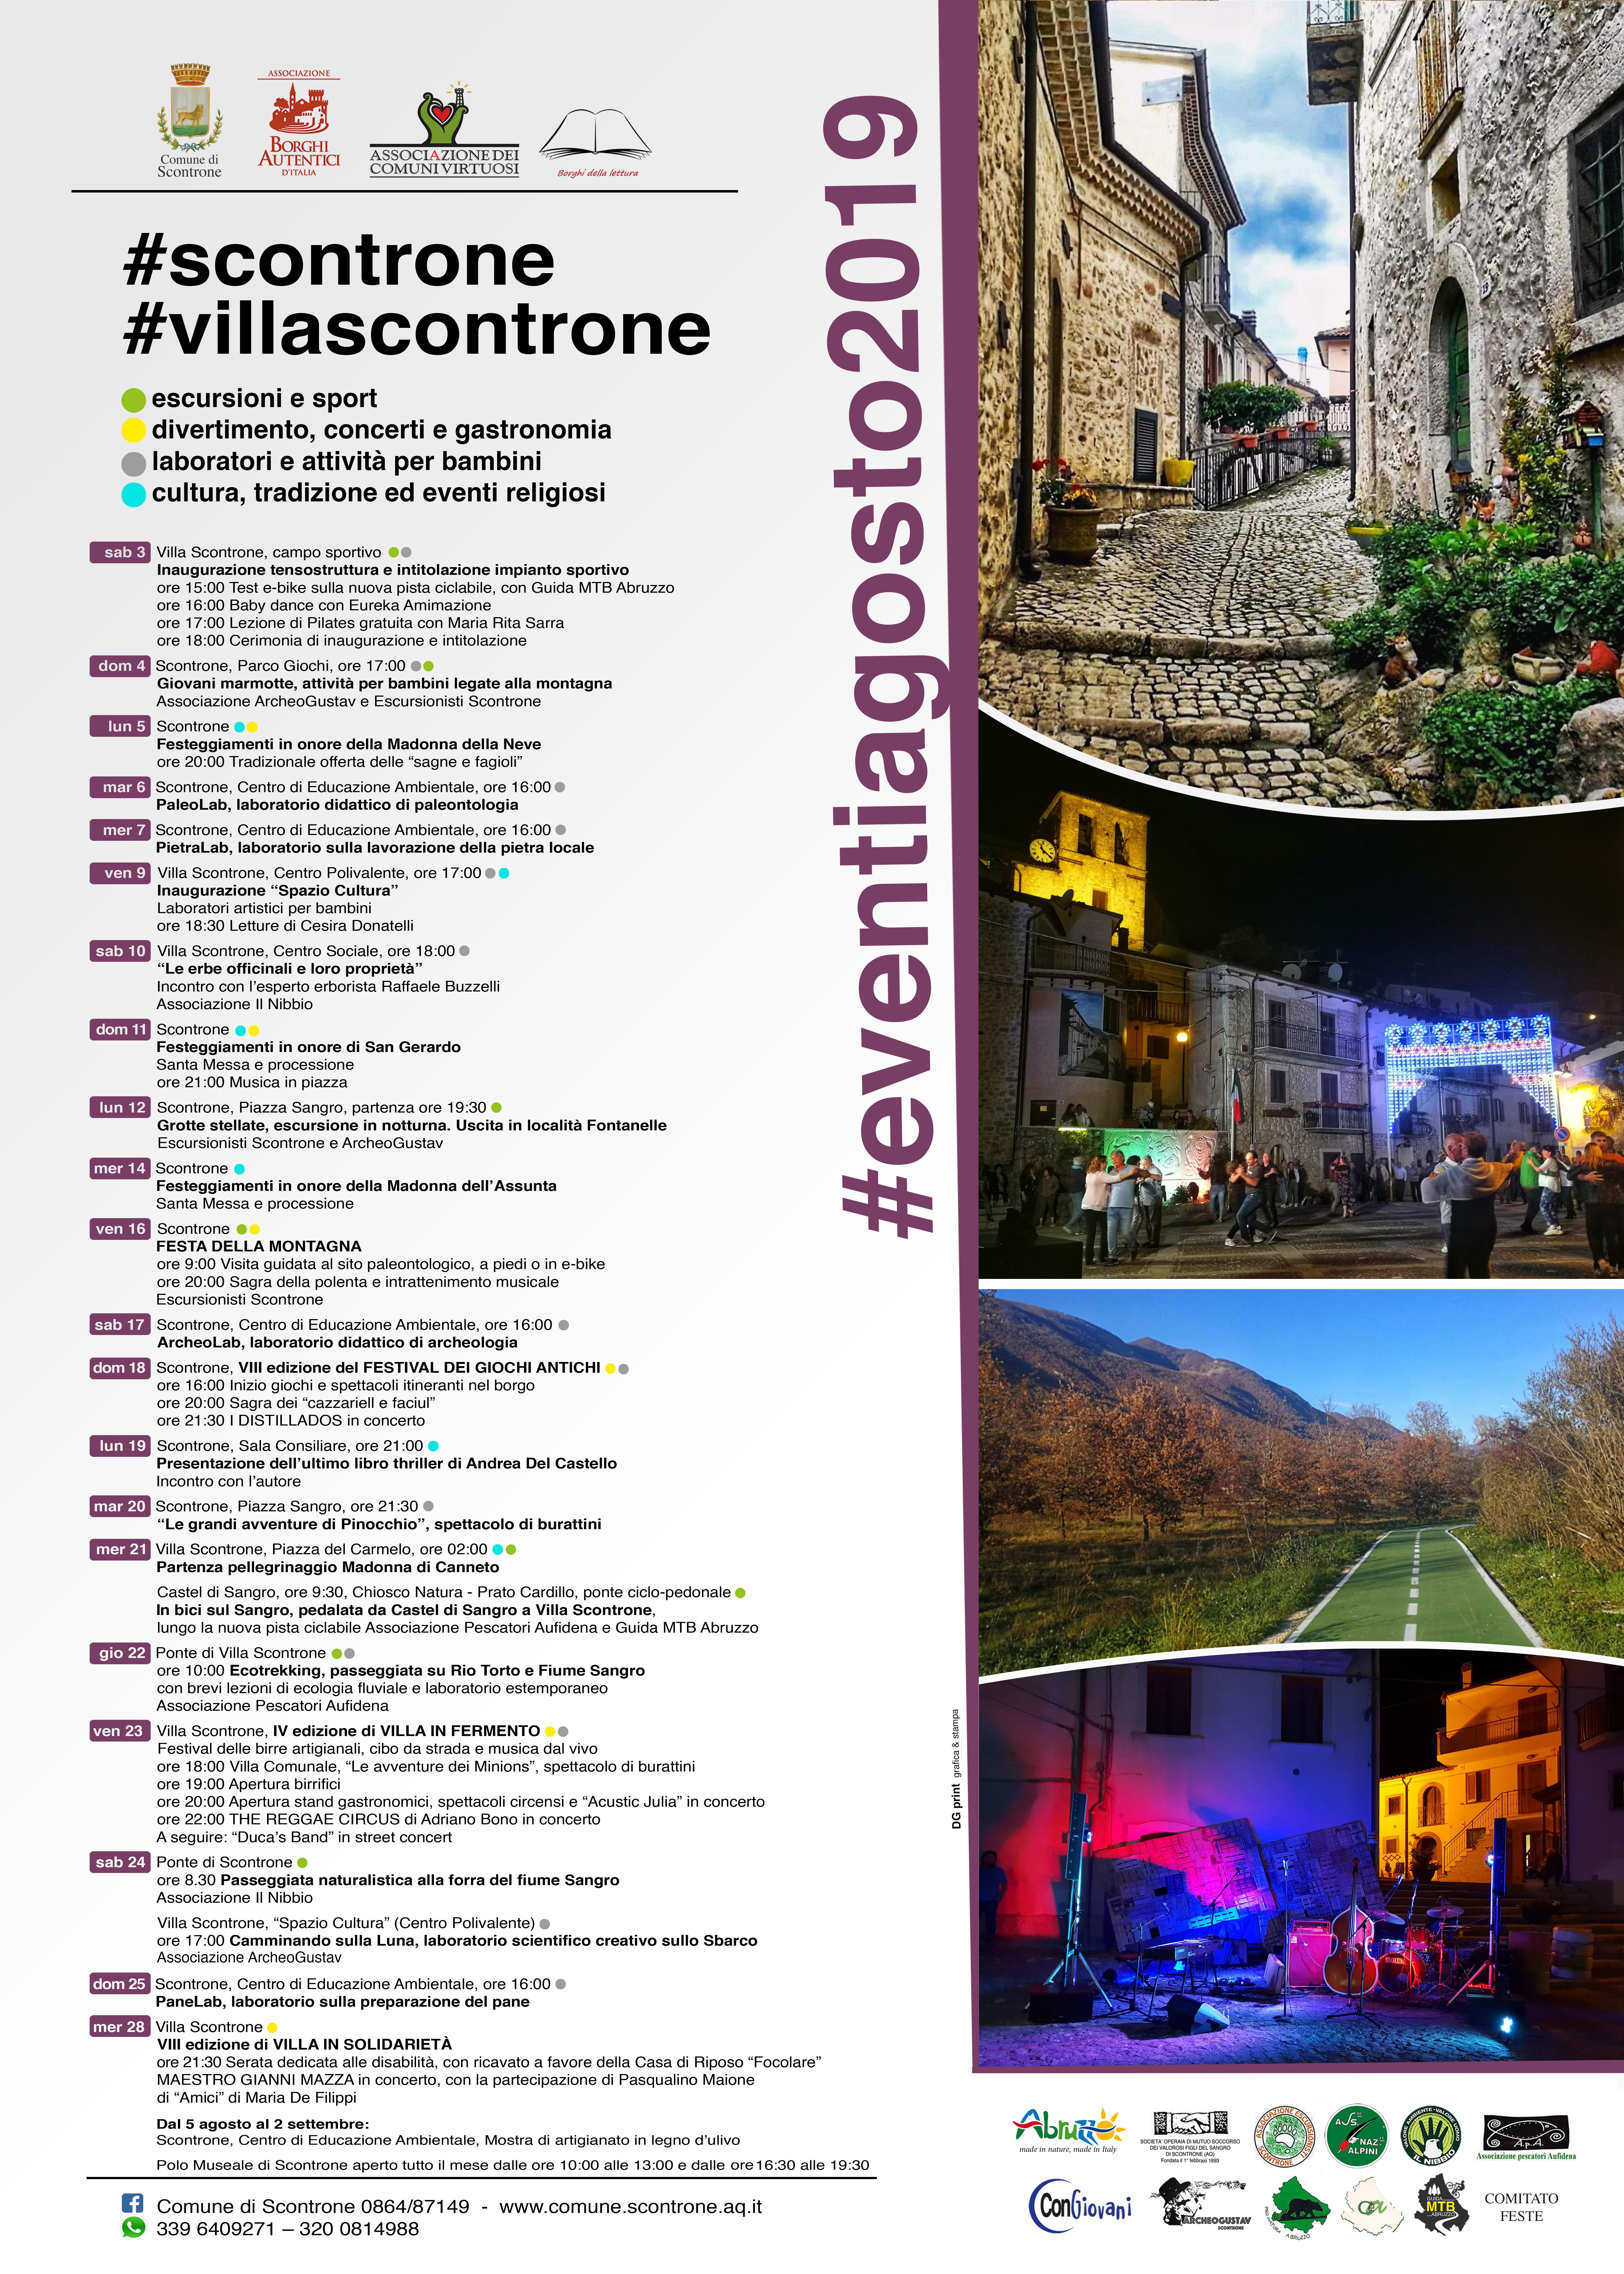 Calendario Regionale Abruzzo.Scontrone E Villa Ecco Il Calendario Degli Eventi Estivi